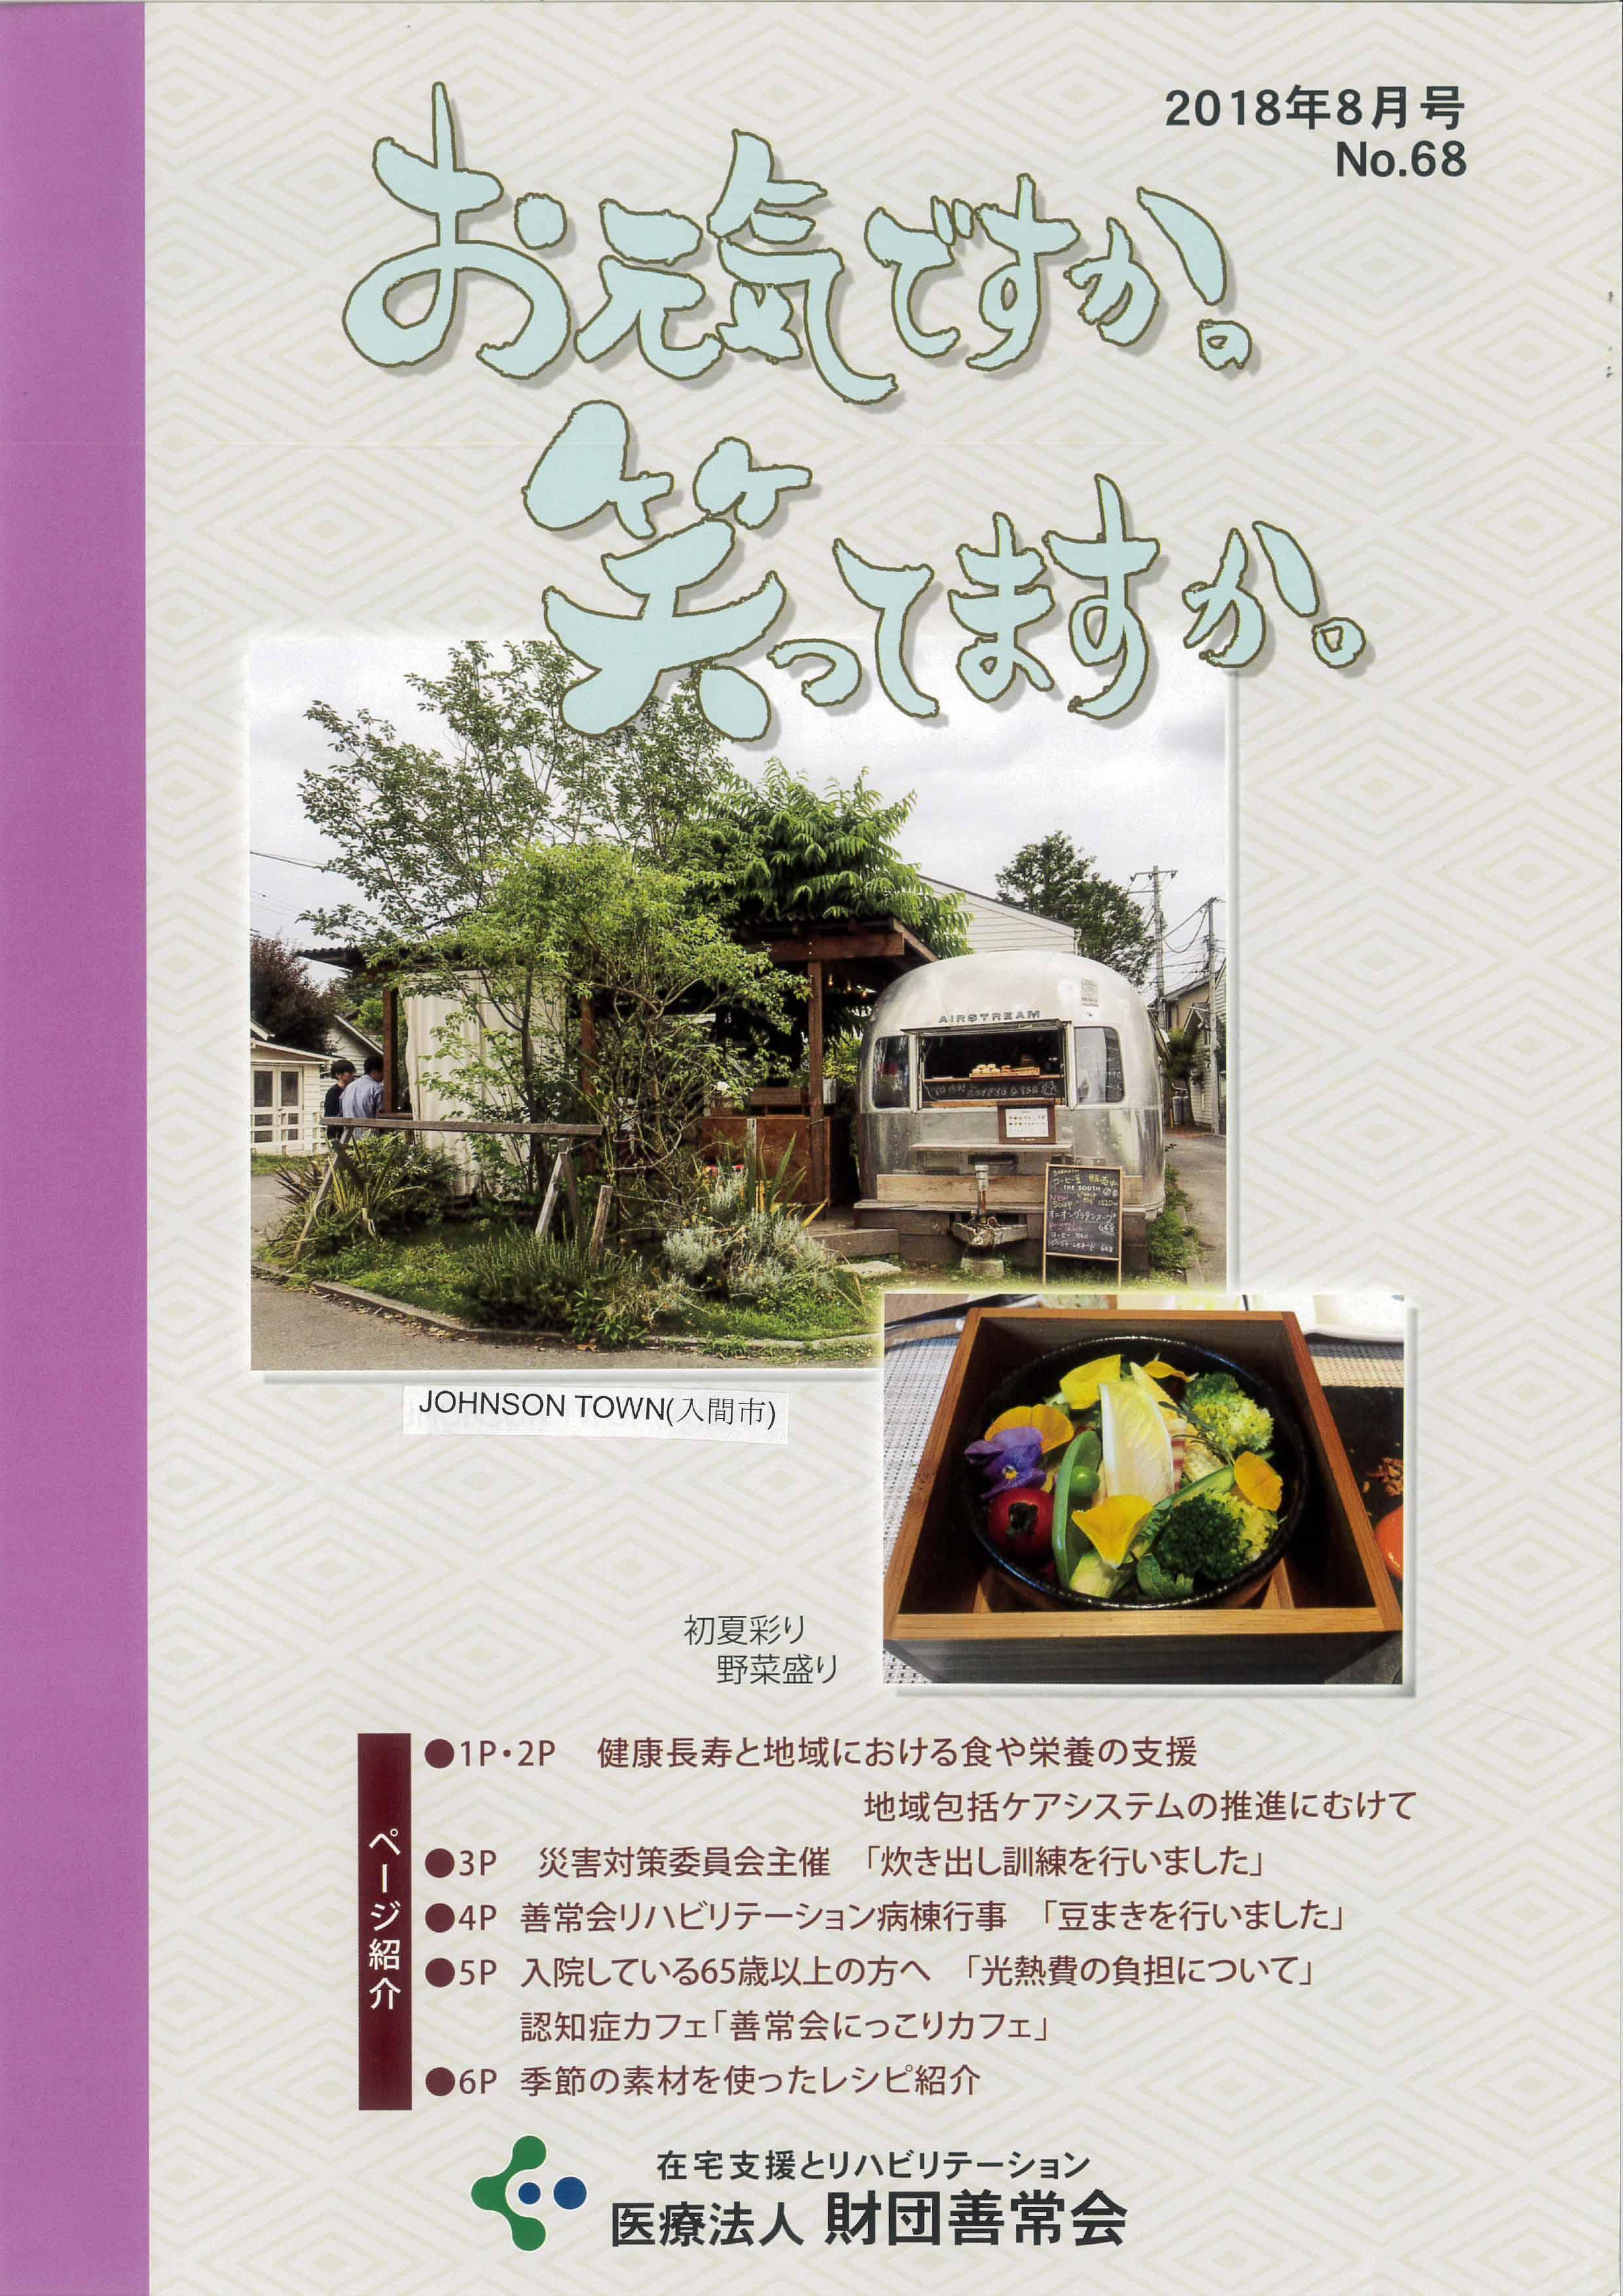 医療法人財団善常会 広報誌 No.68 2018年8月号 表紙